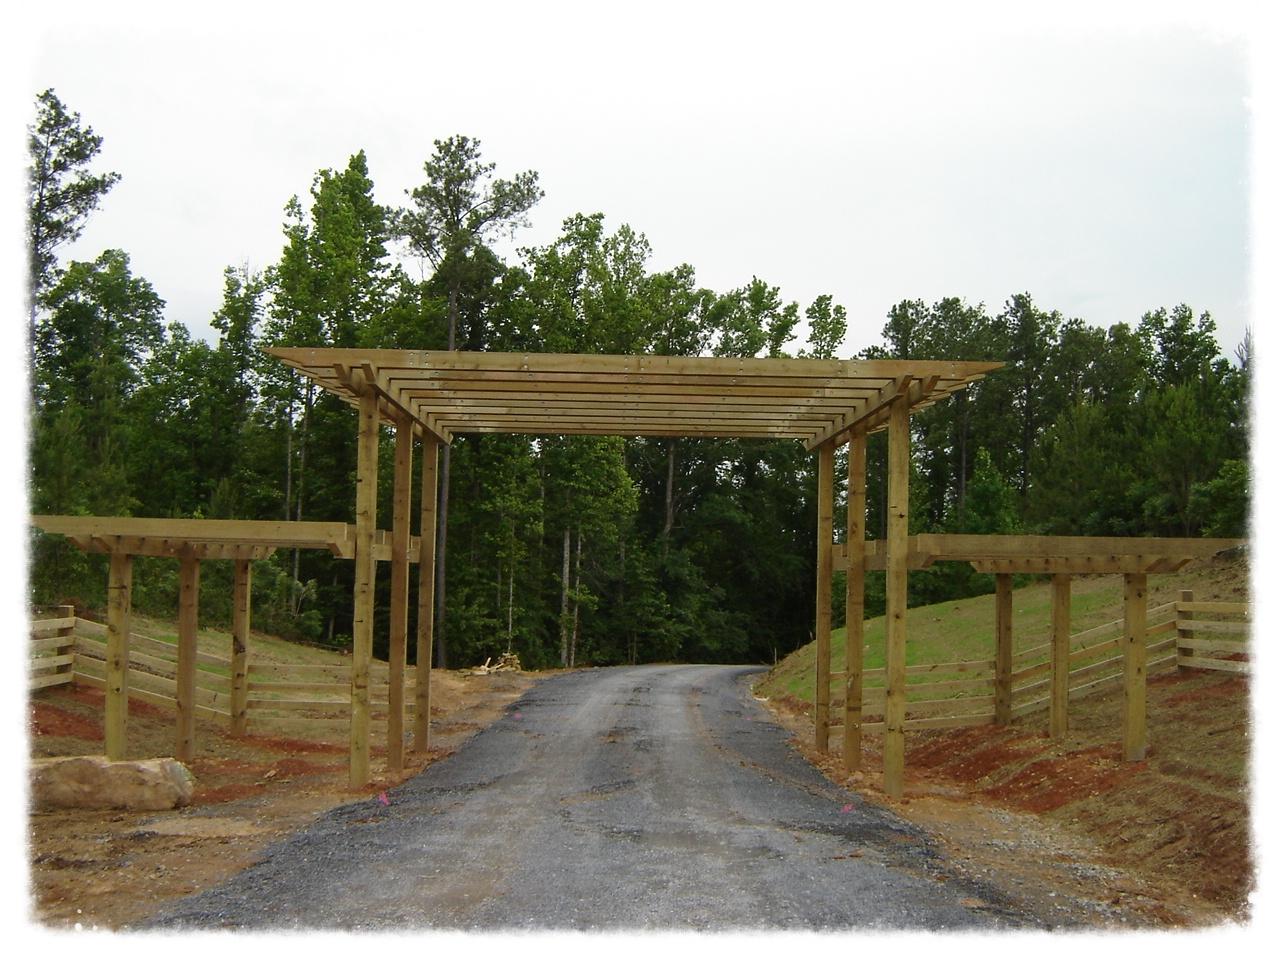 Pergola Entrance and Wood Fence